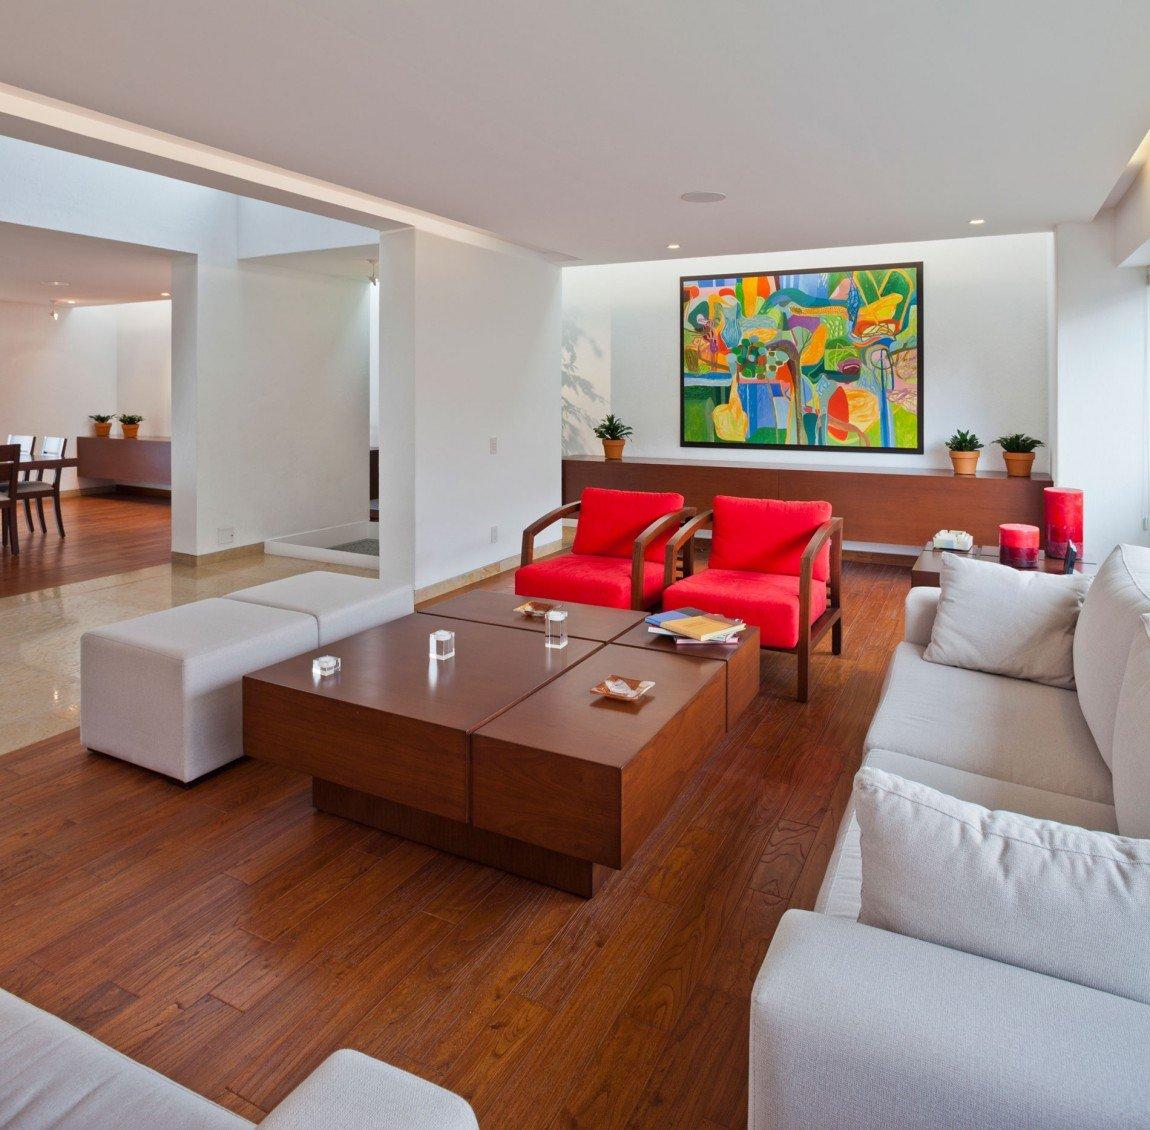 arredare-soggiorno-bianco-rosso-contemporaneo